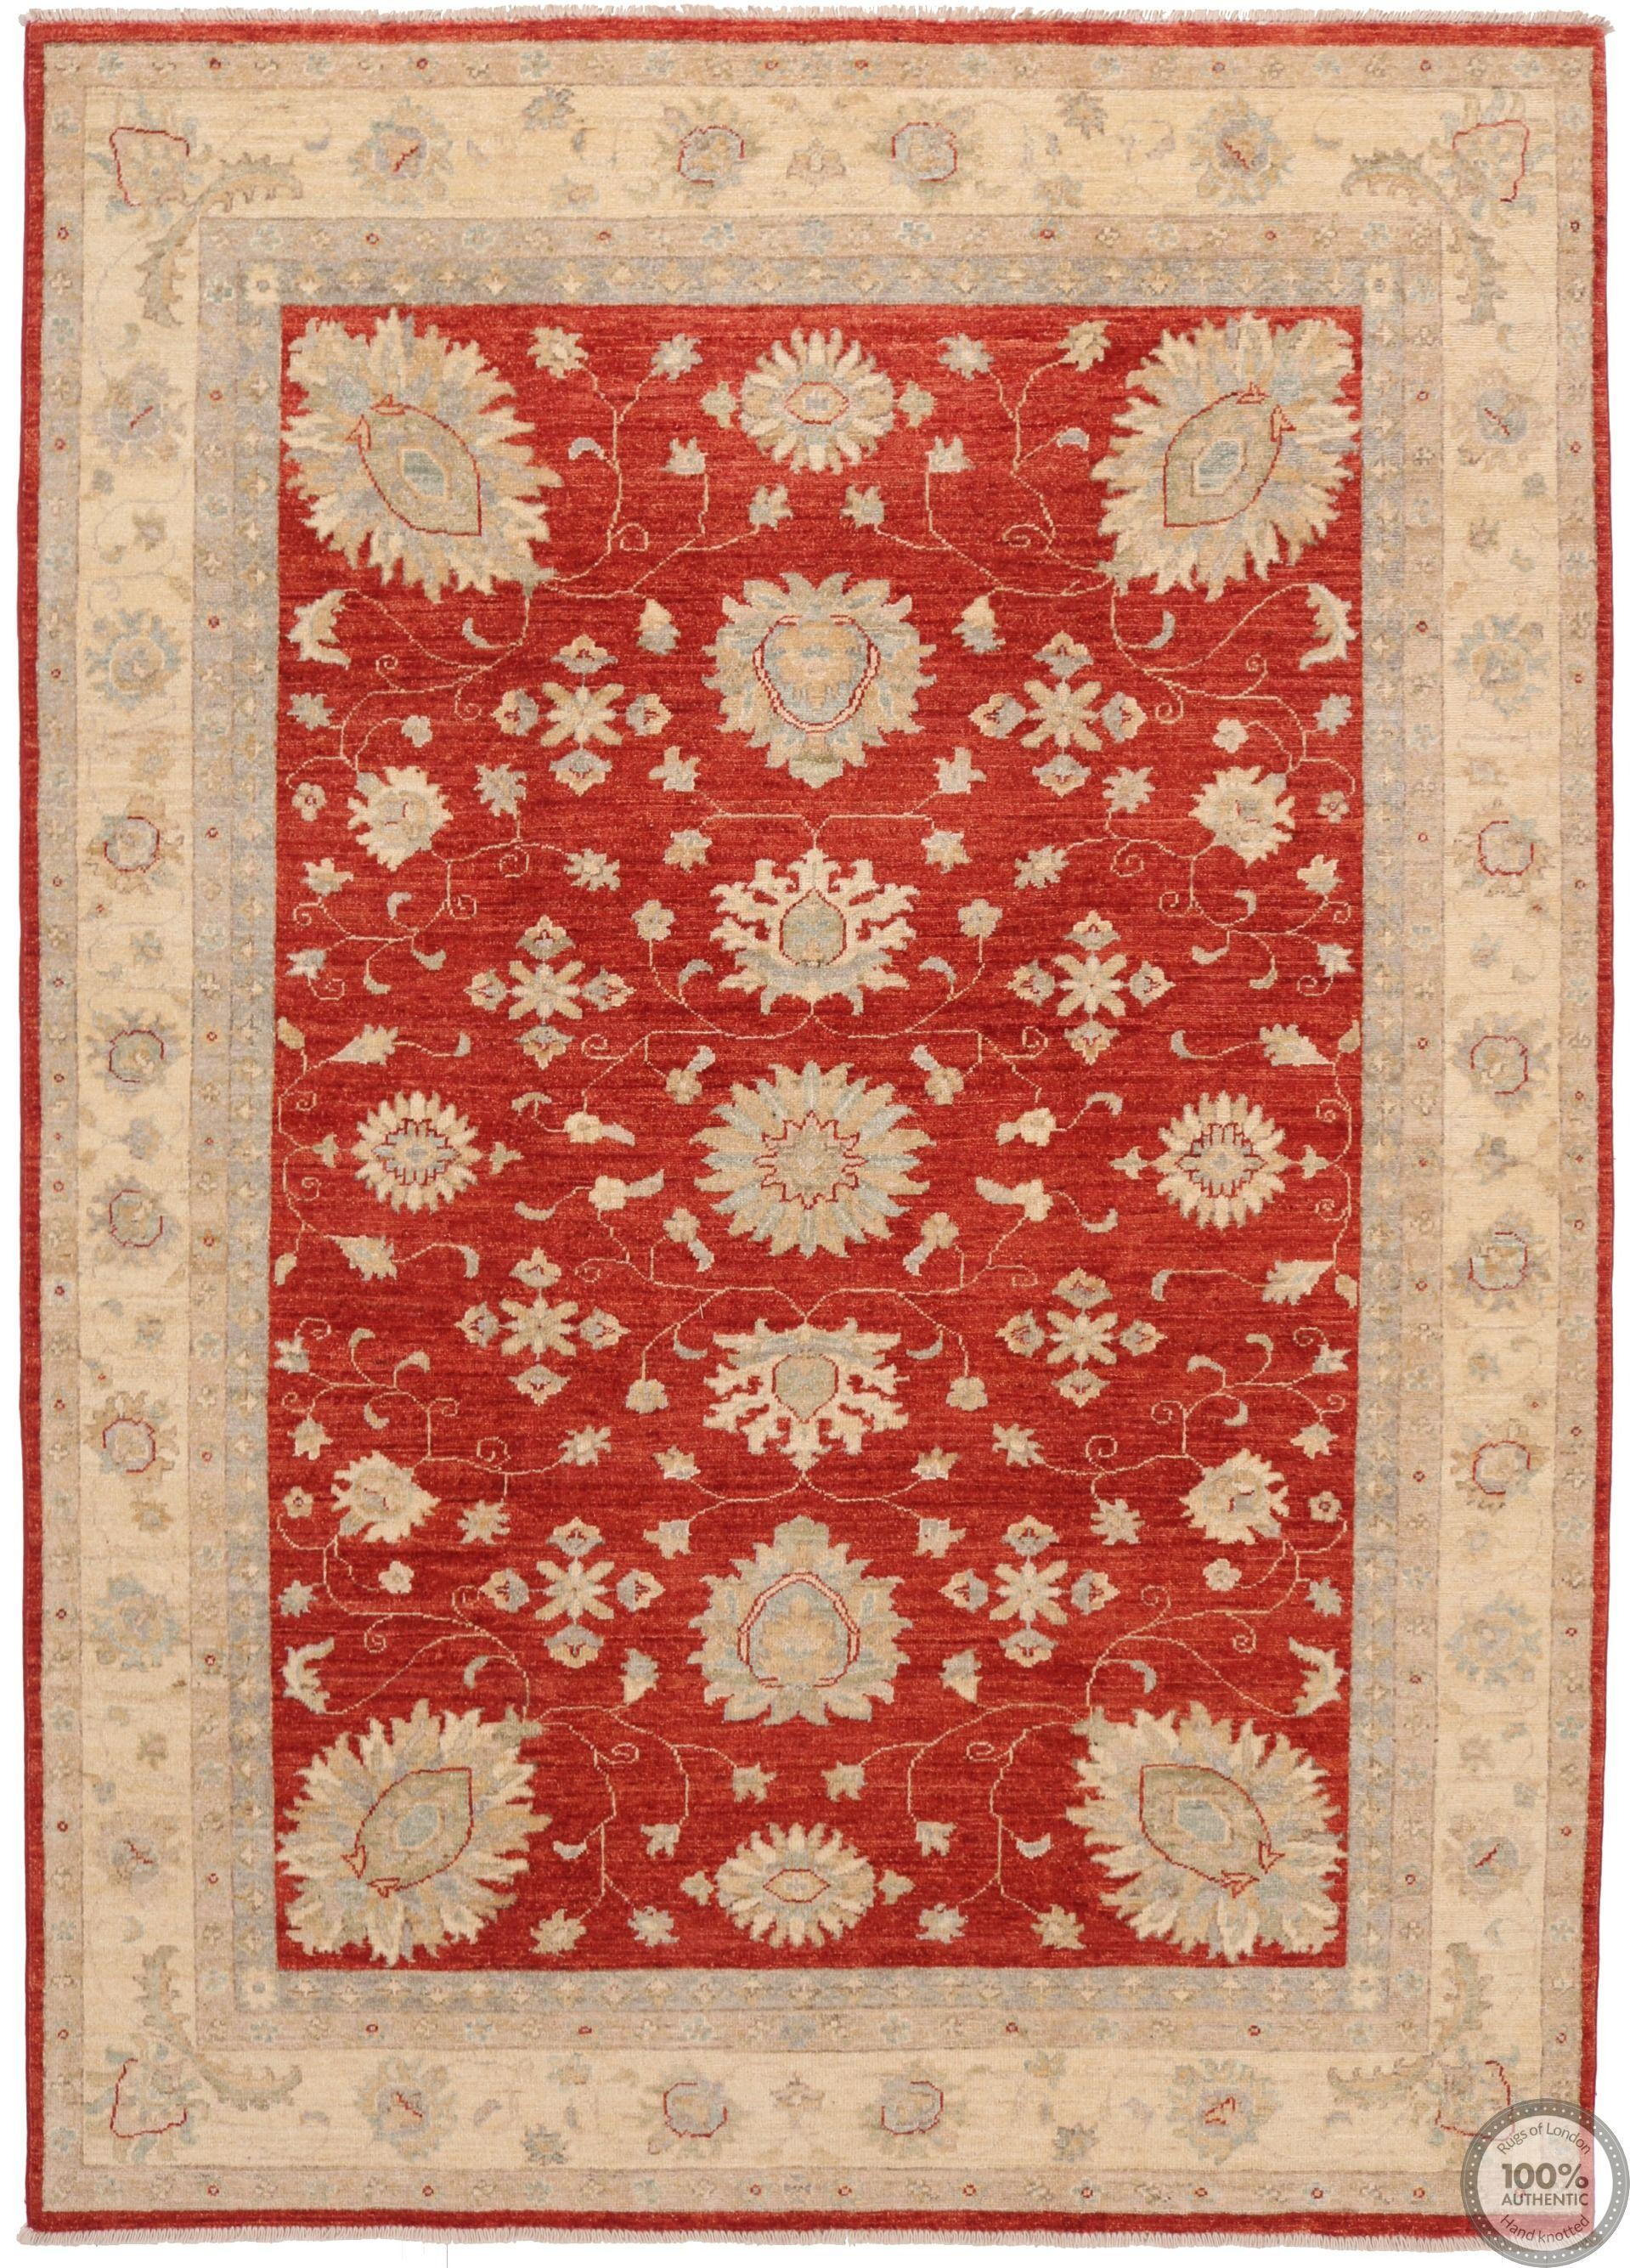 Garous / Ziegler design Rug in Red 8 x 5'6